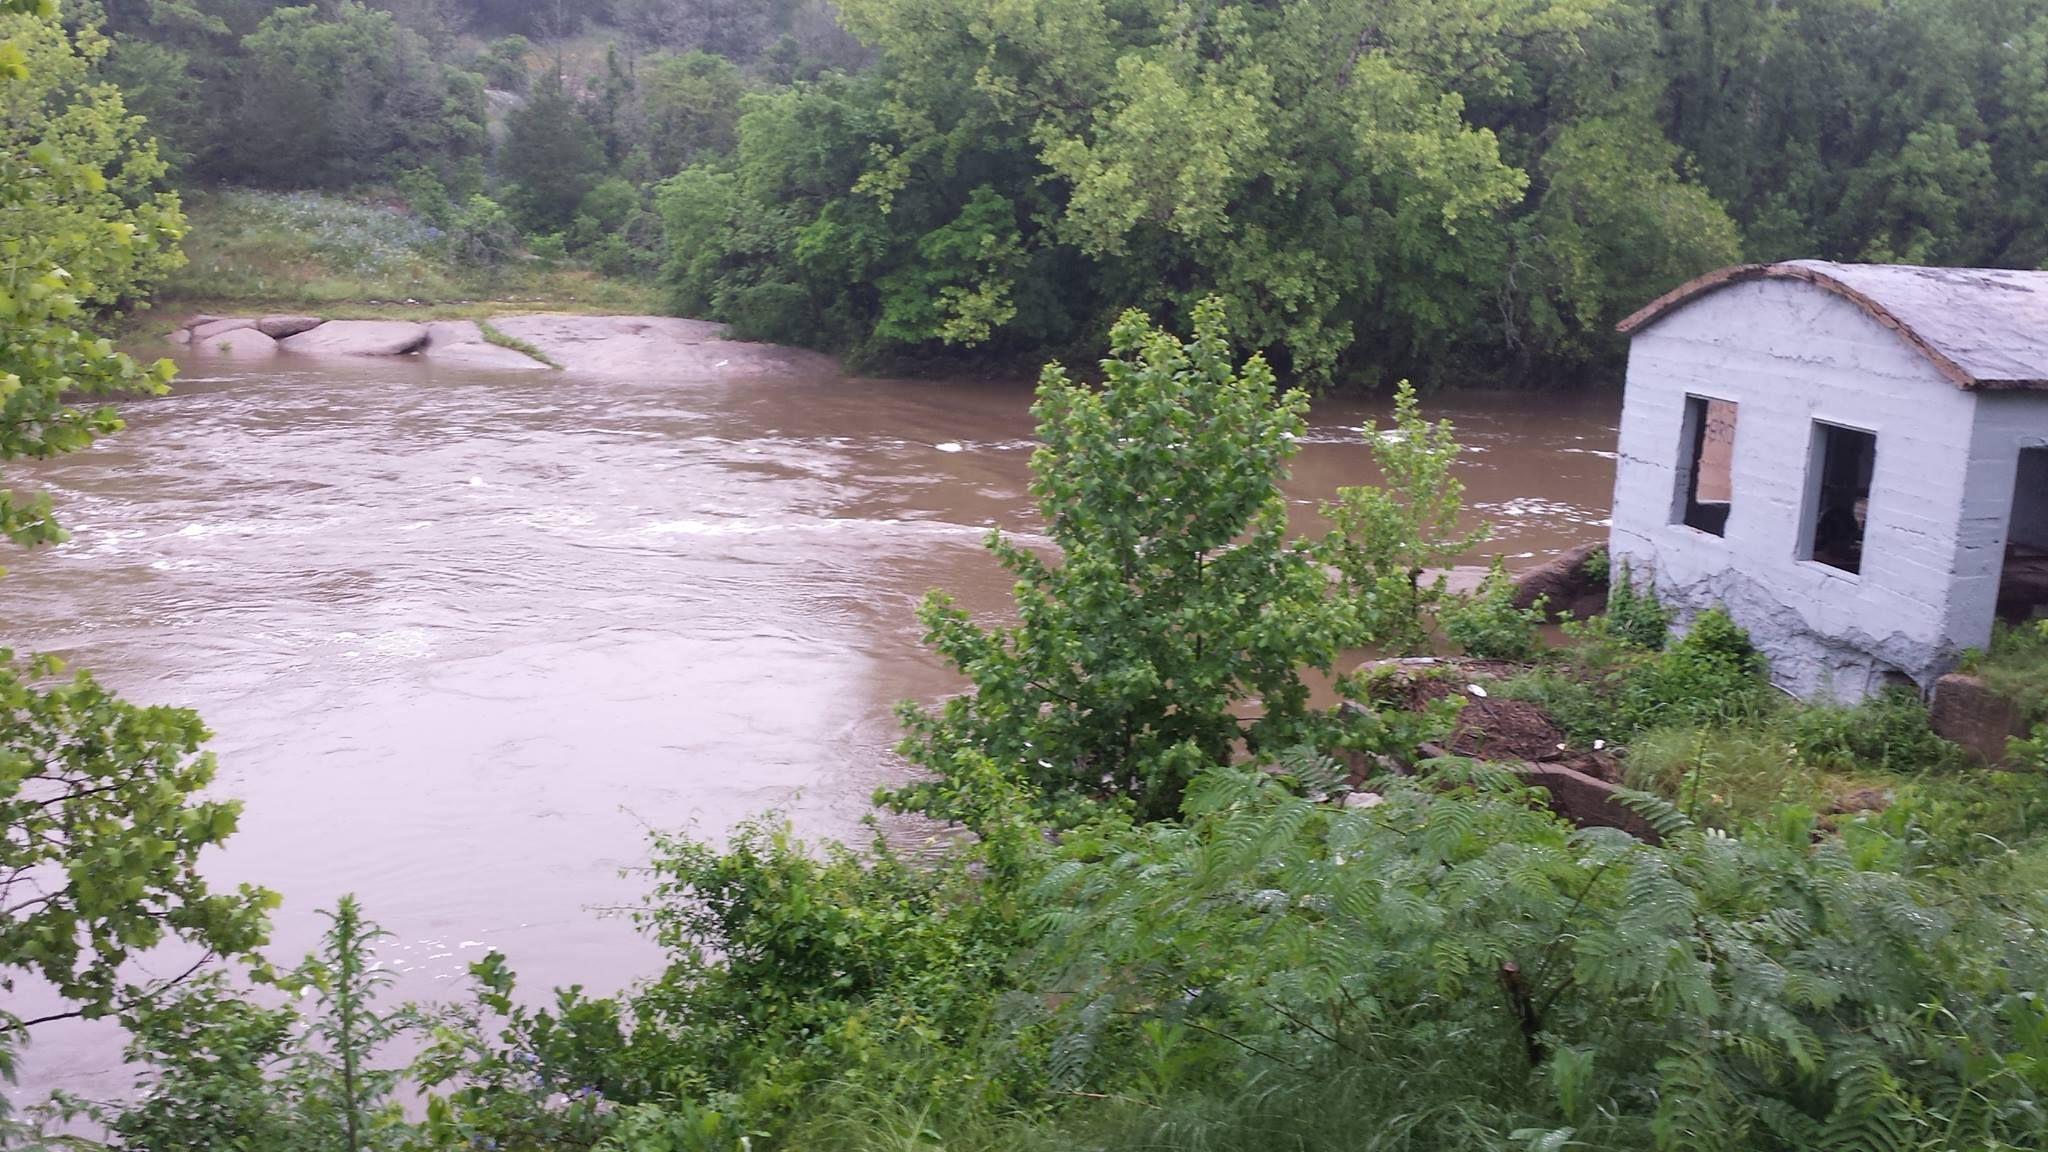 Flooding on Pennington Creek, Tishomingo OK, May 09, 2015